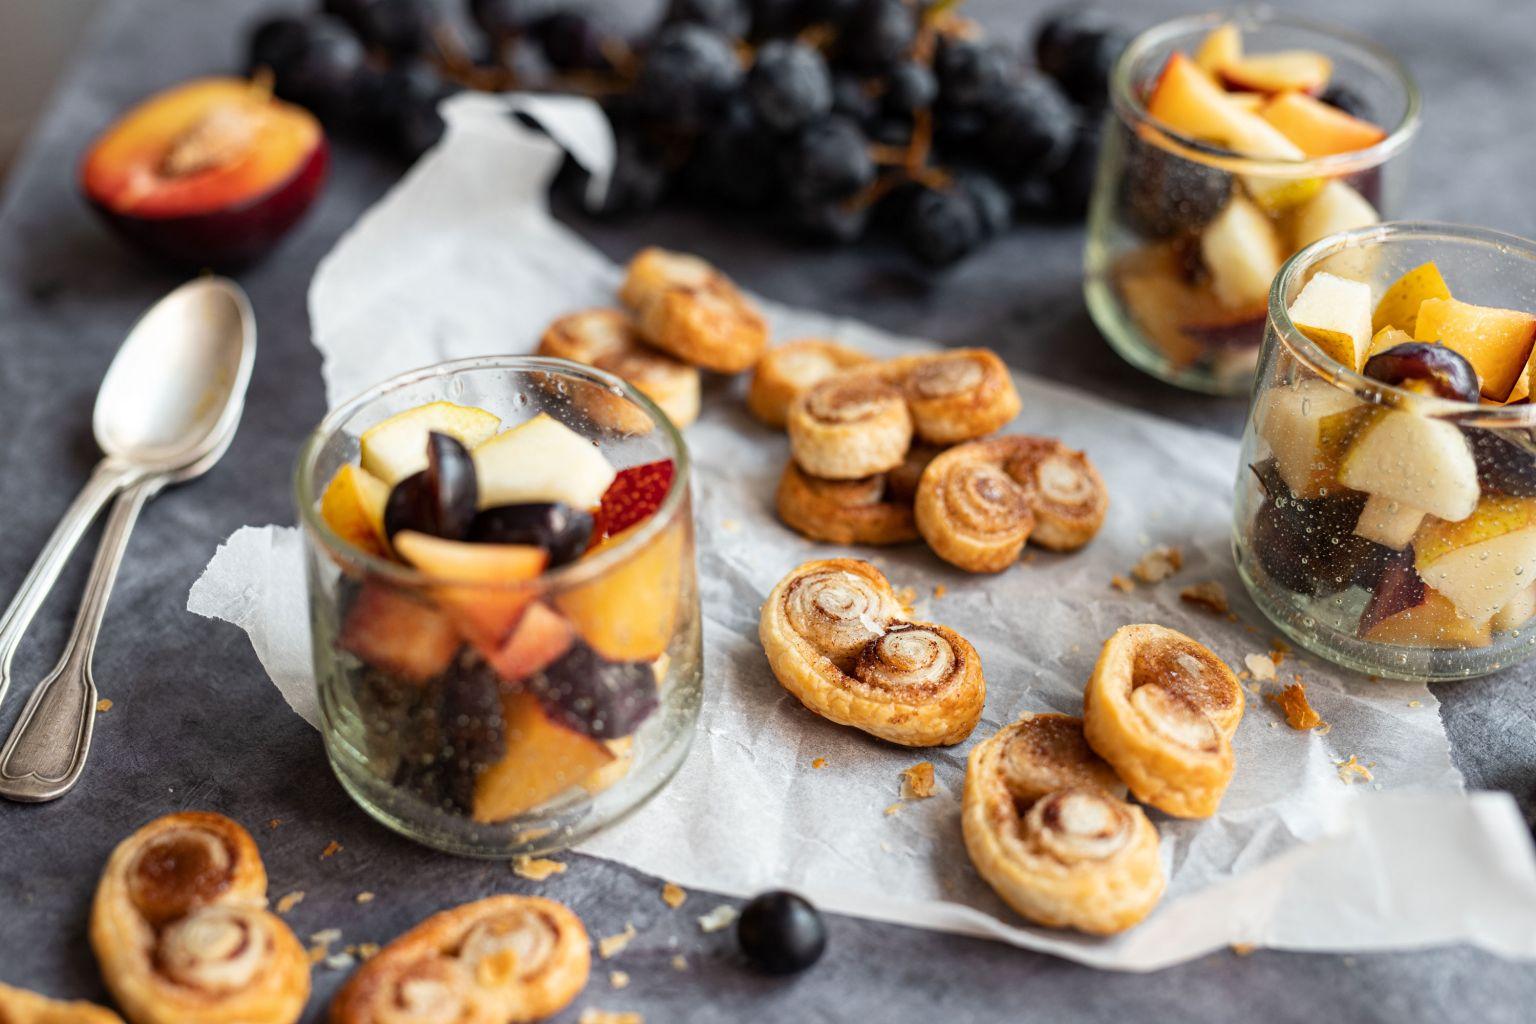 Palmiers au sucre spéculoos et salade de fruits d'automne